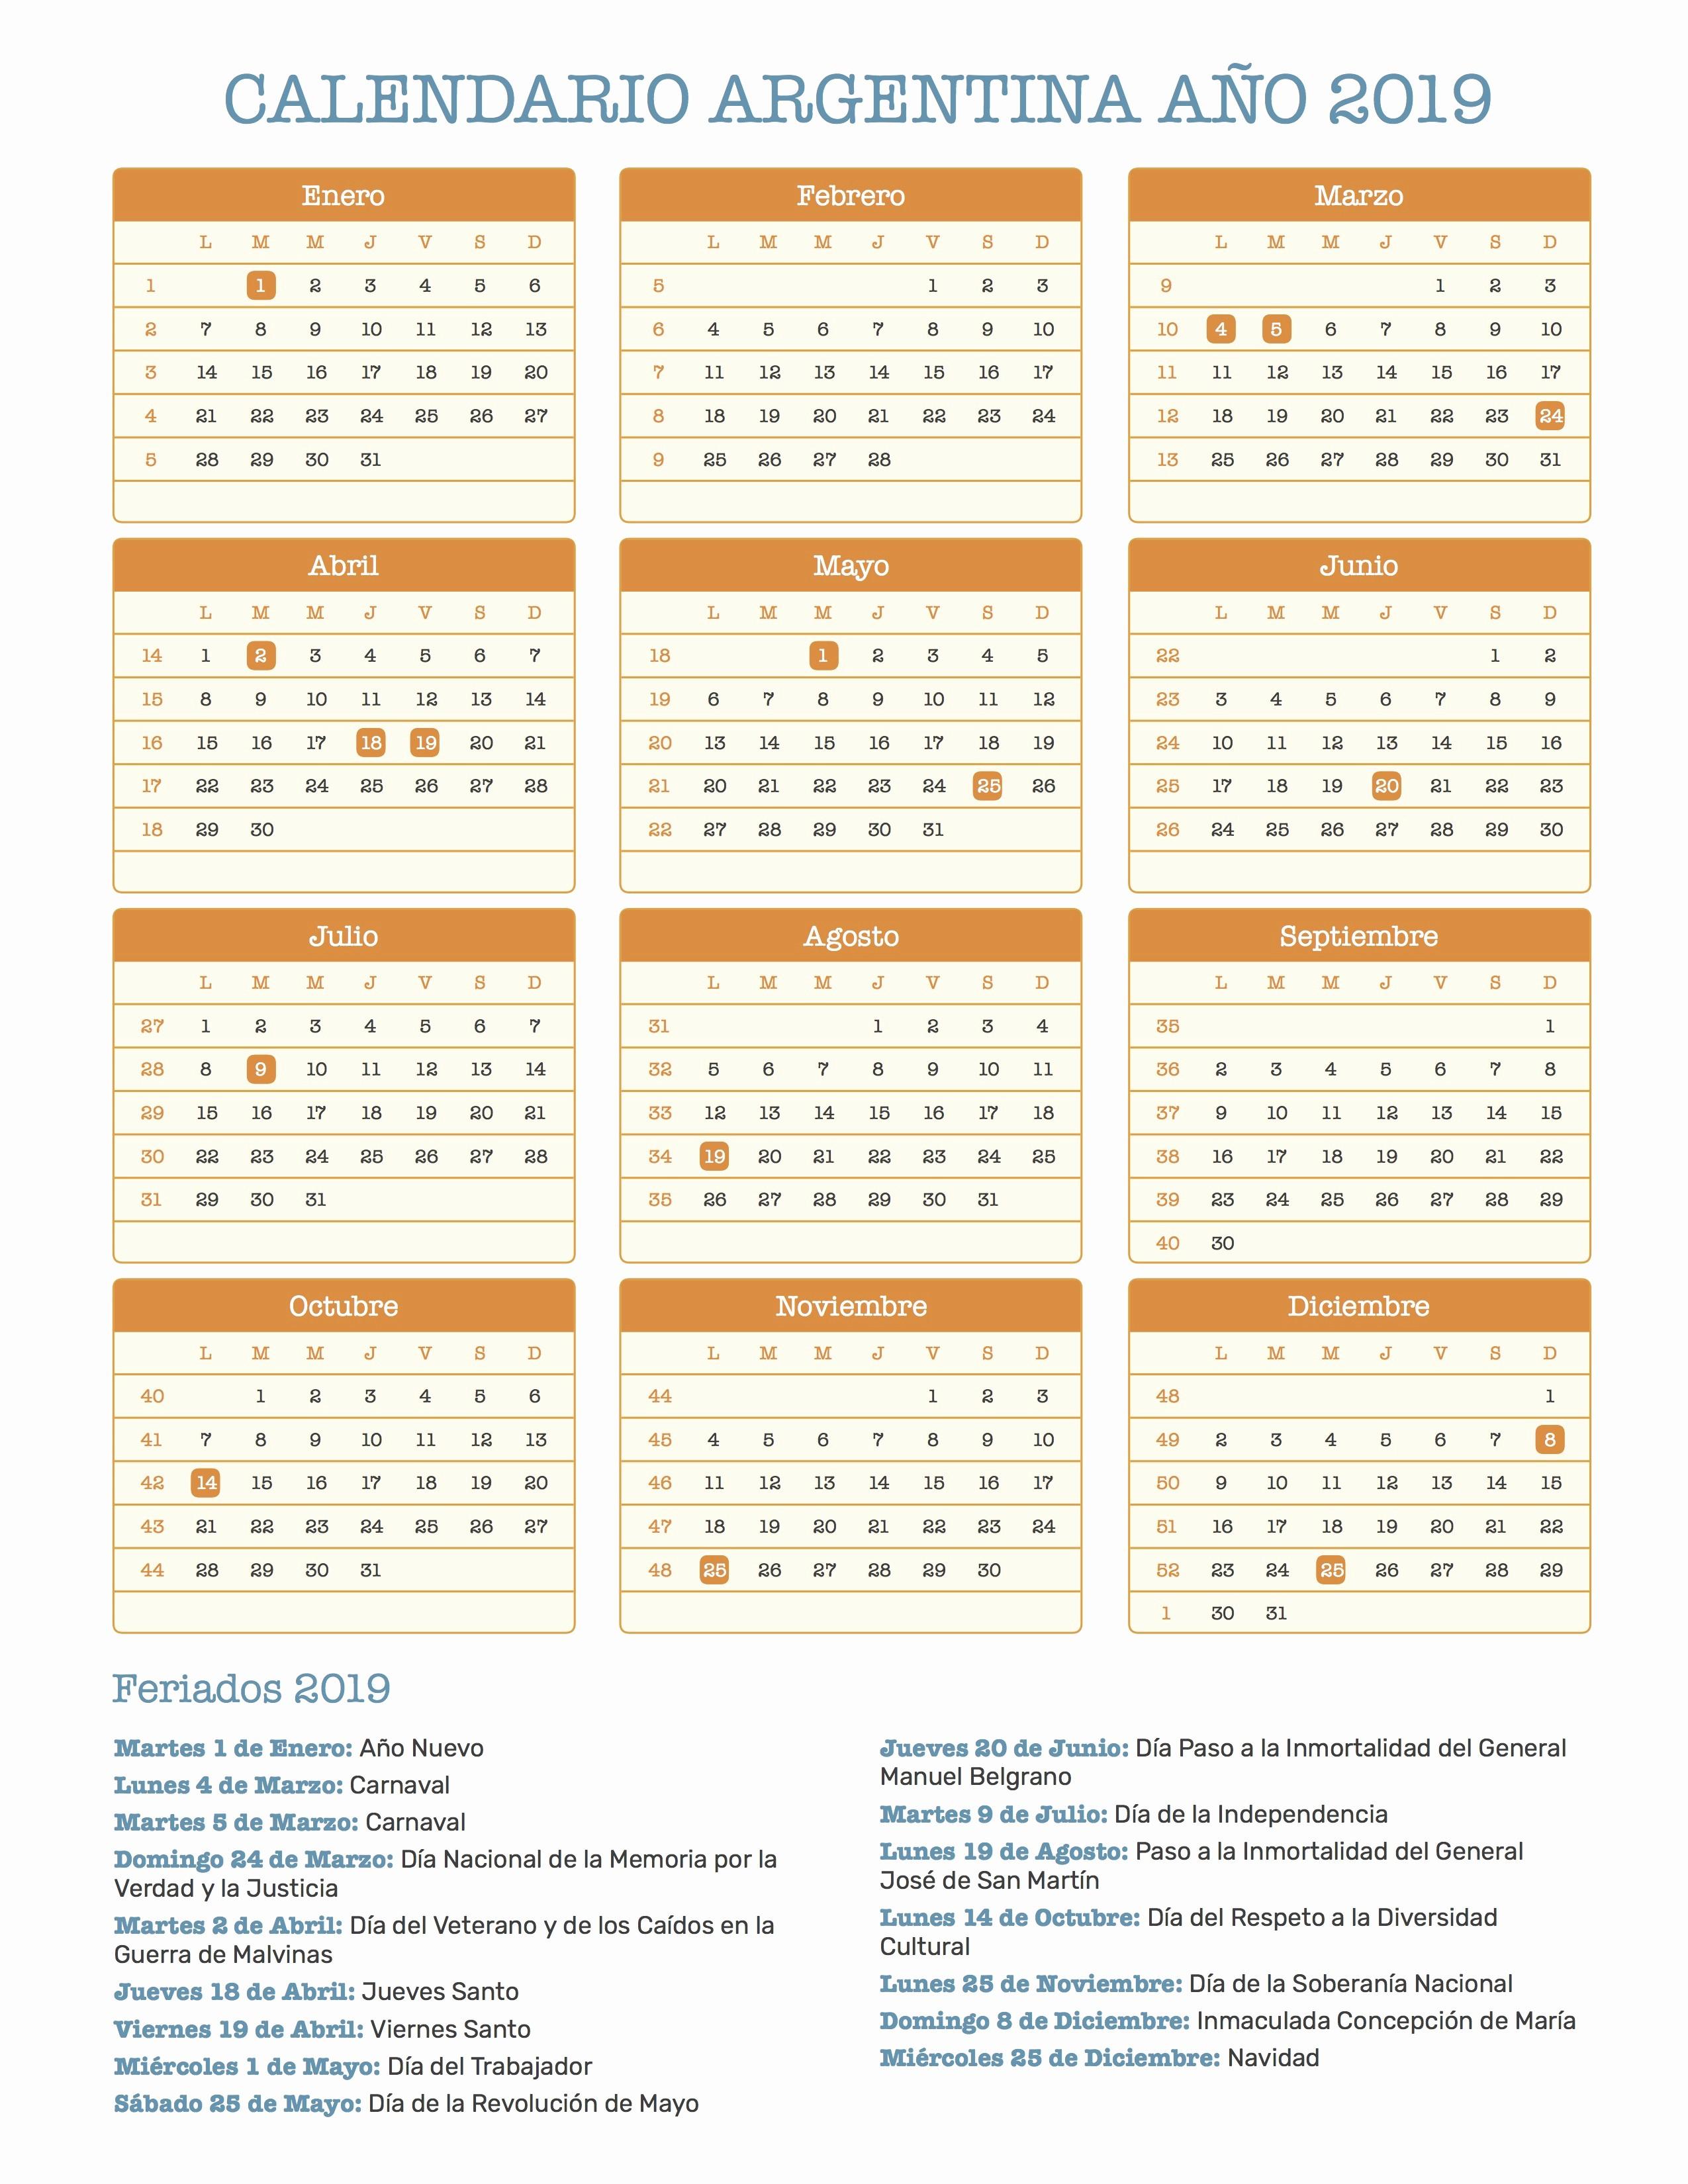 Calendario Imprimir 2019 Agosto Más Reciente Calendario Dr 2019 Calendario Argentina Ano 2019 Feriados Of Calendario Imprimir 2019 Agosto Más Arriba-a-fecha 2018 April Blank Calendar Printable 2018 Calendars